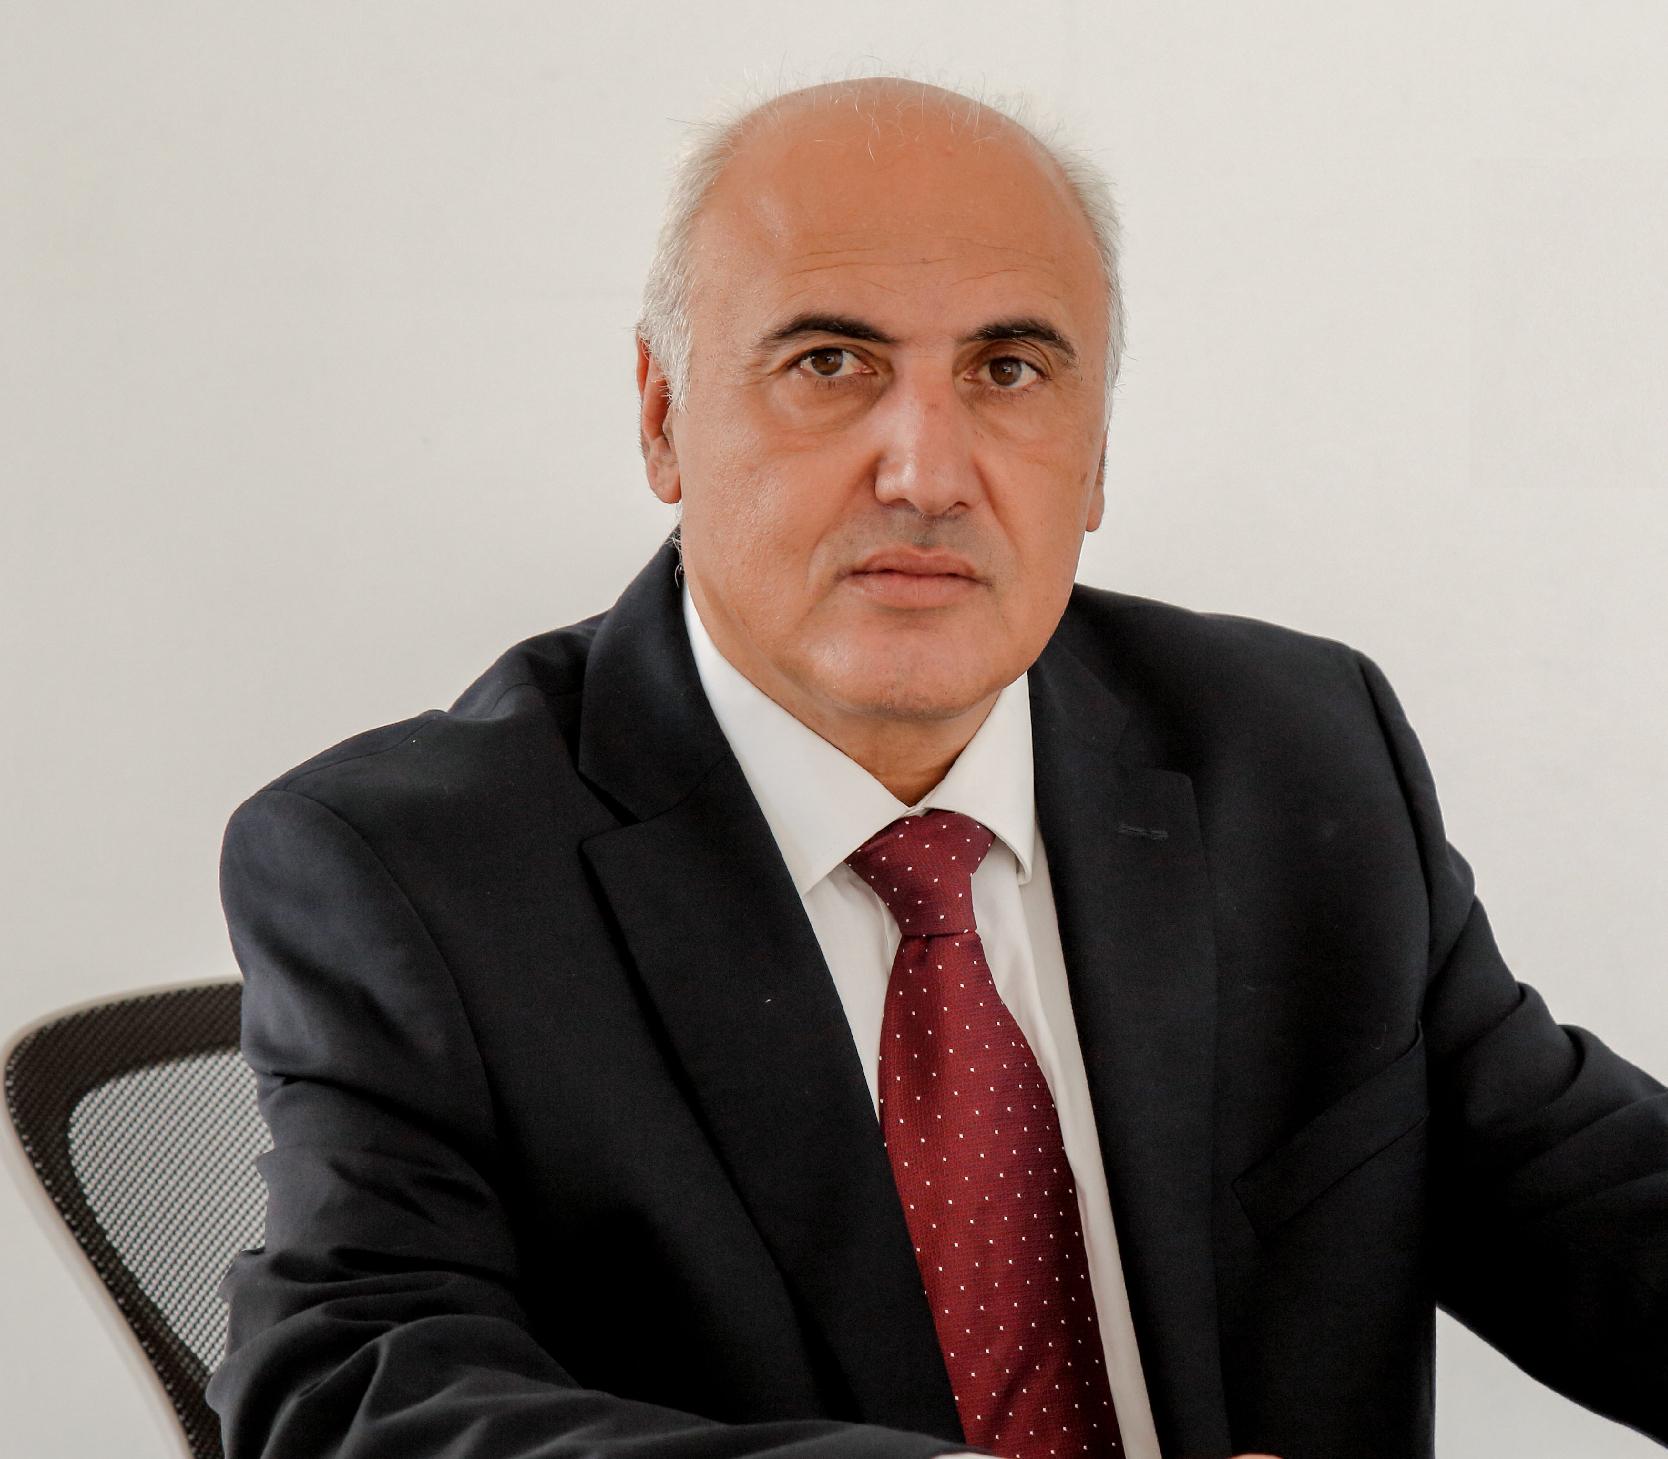 Toutoudakis Grigoris